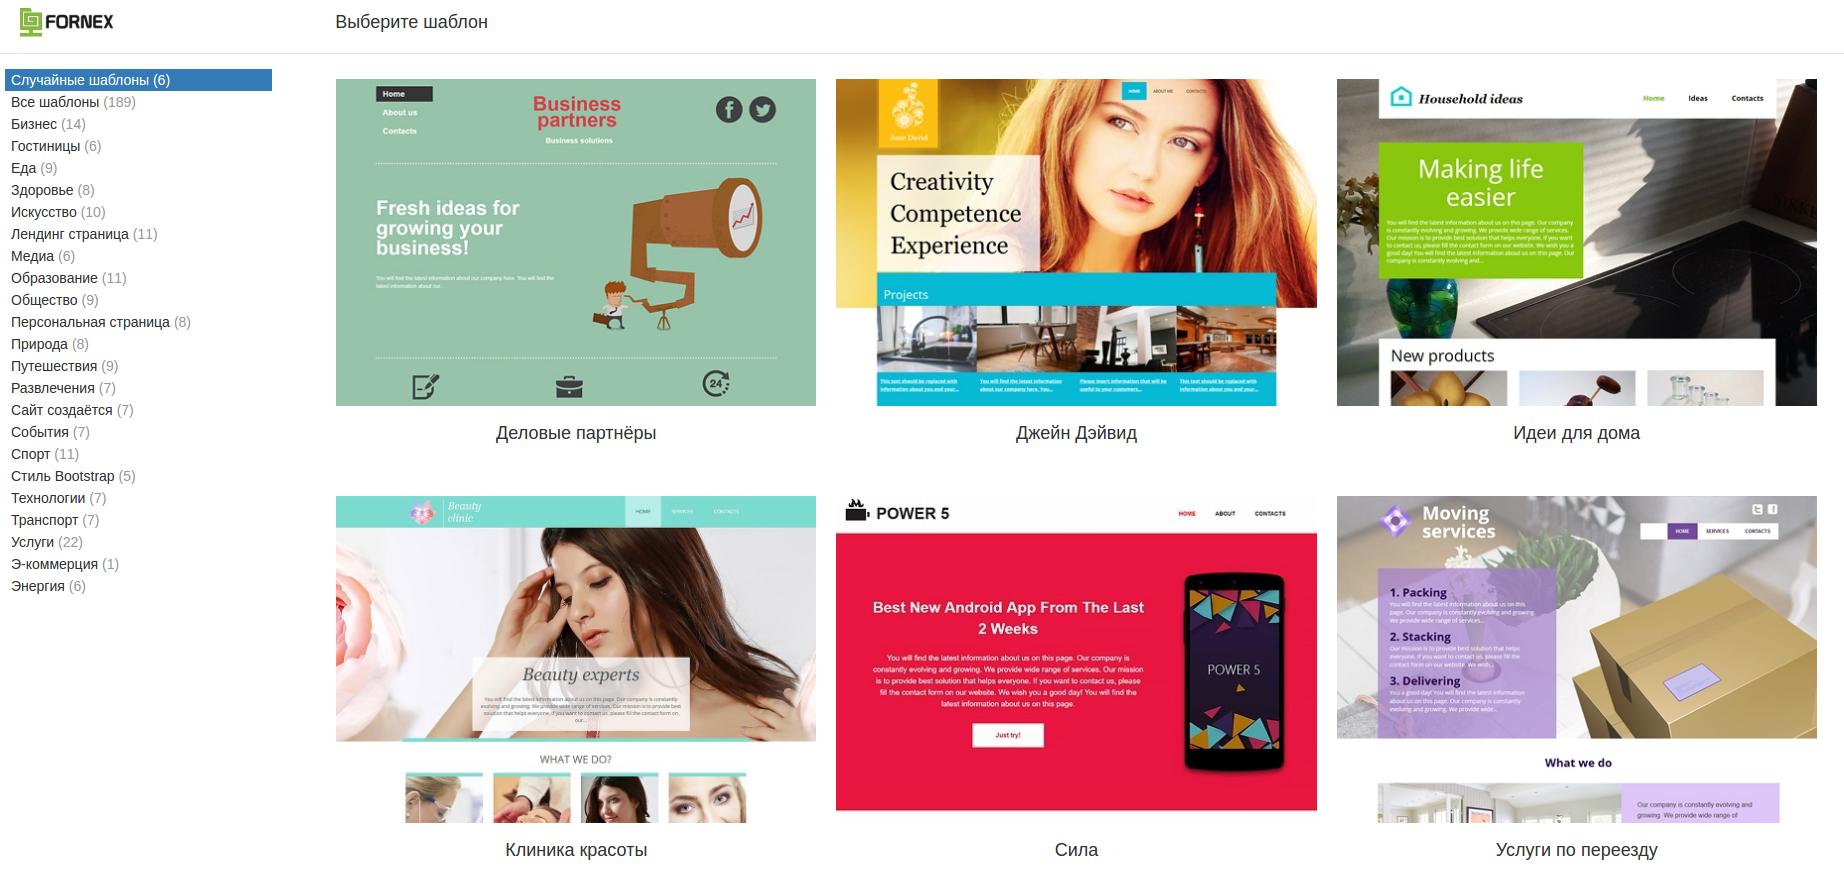 Виртуальный хостинг с конструктором сайтов бесплатные хостинги и сайты